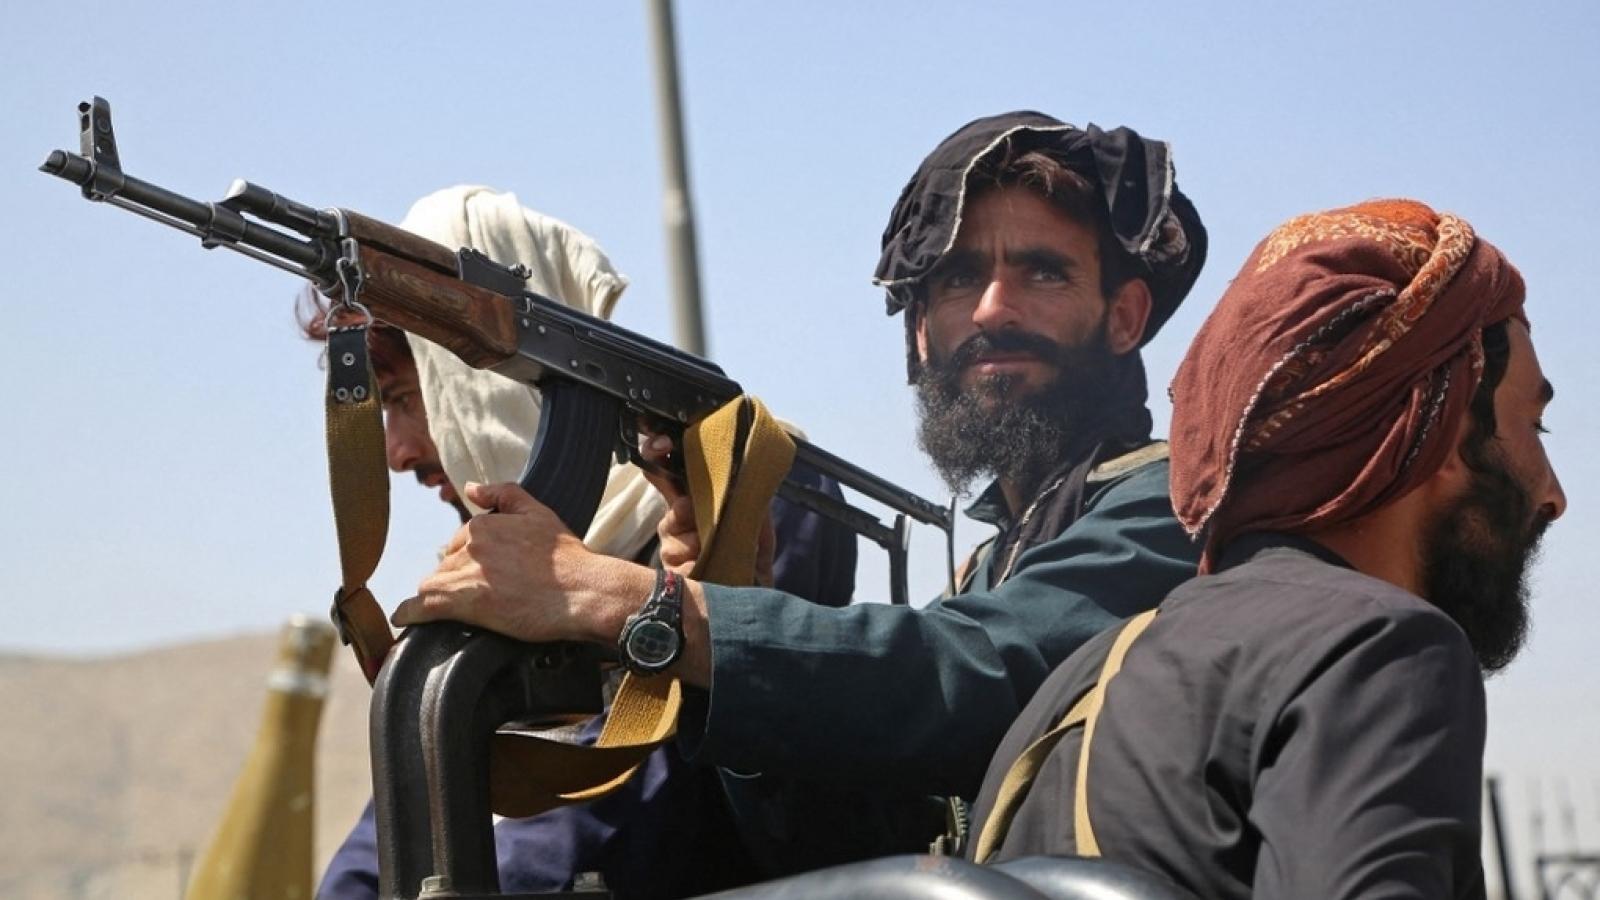 Dự trữ quốc tế bị đóng băng, Taliban sẽ làm gì để cấp kinh phí cho chính phủ mới?